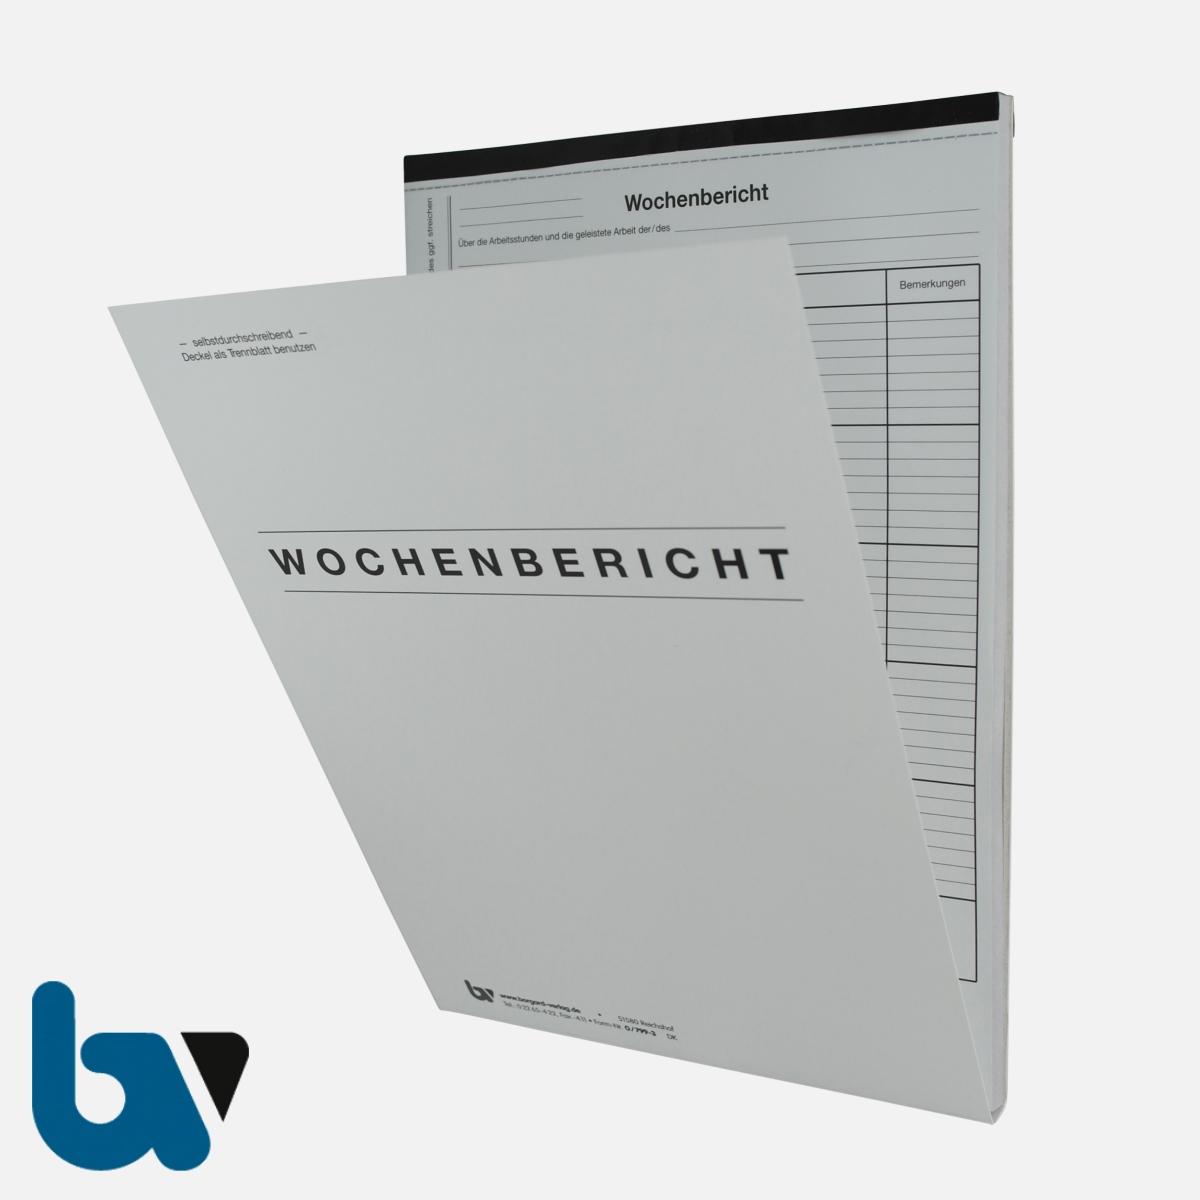 0/799-3 Wochenbericht Baustelle Arbeit selbstdurchschreibend Einschlagdeckel Durchschreibeschutz Schreibschutzdeckel perforiert DIN A4 Vorderseite | Borgard Verlag GmbH